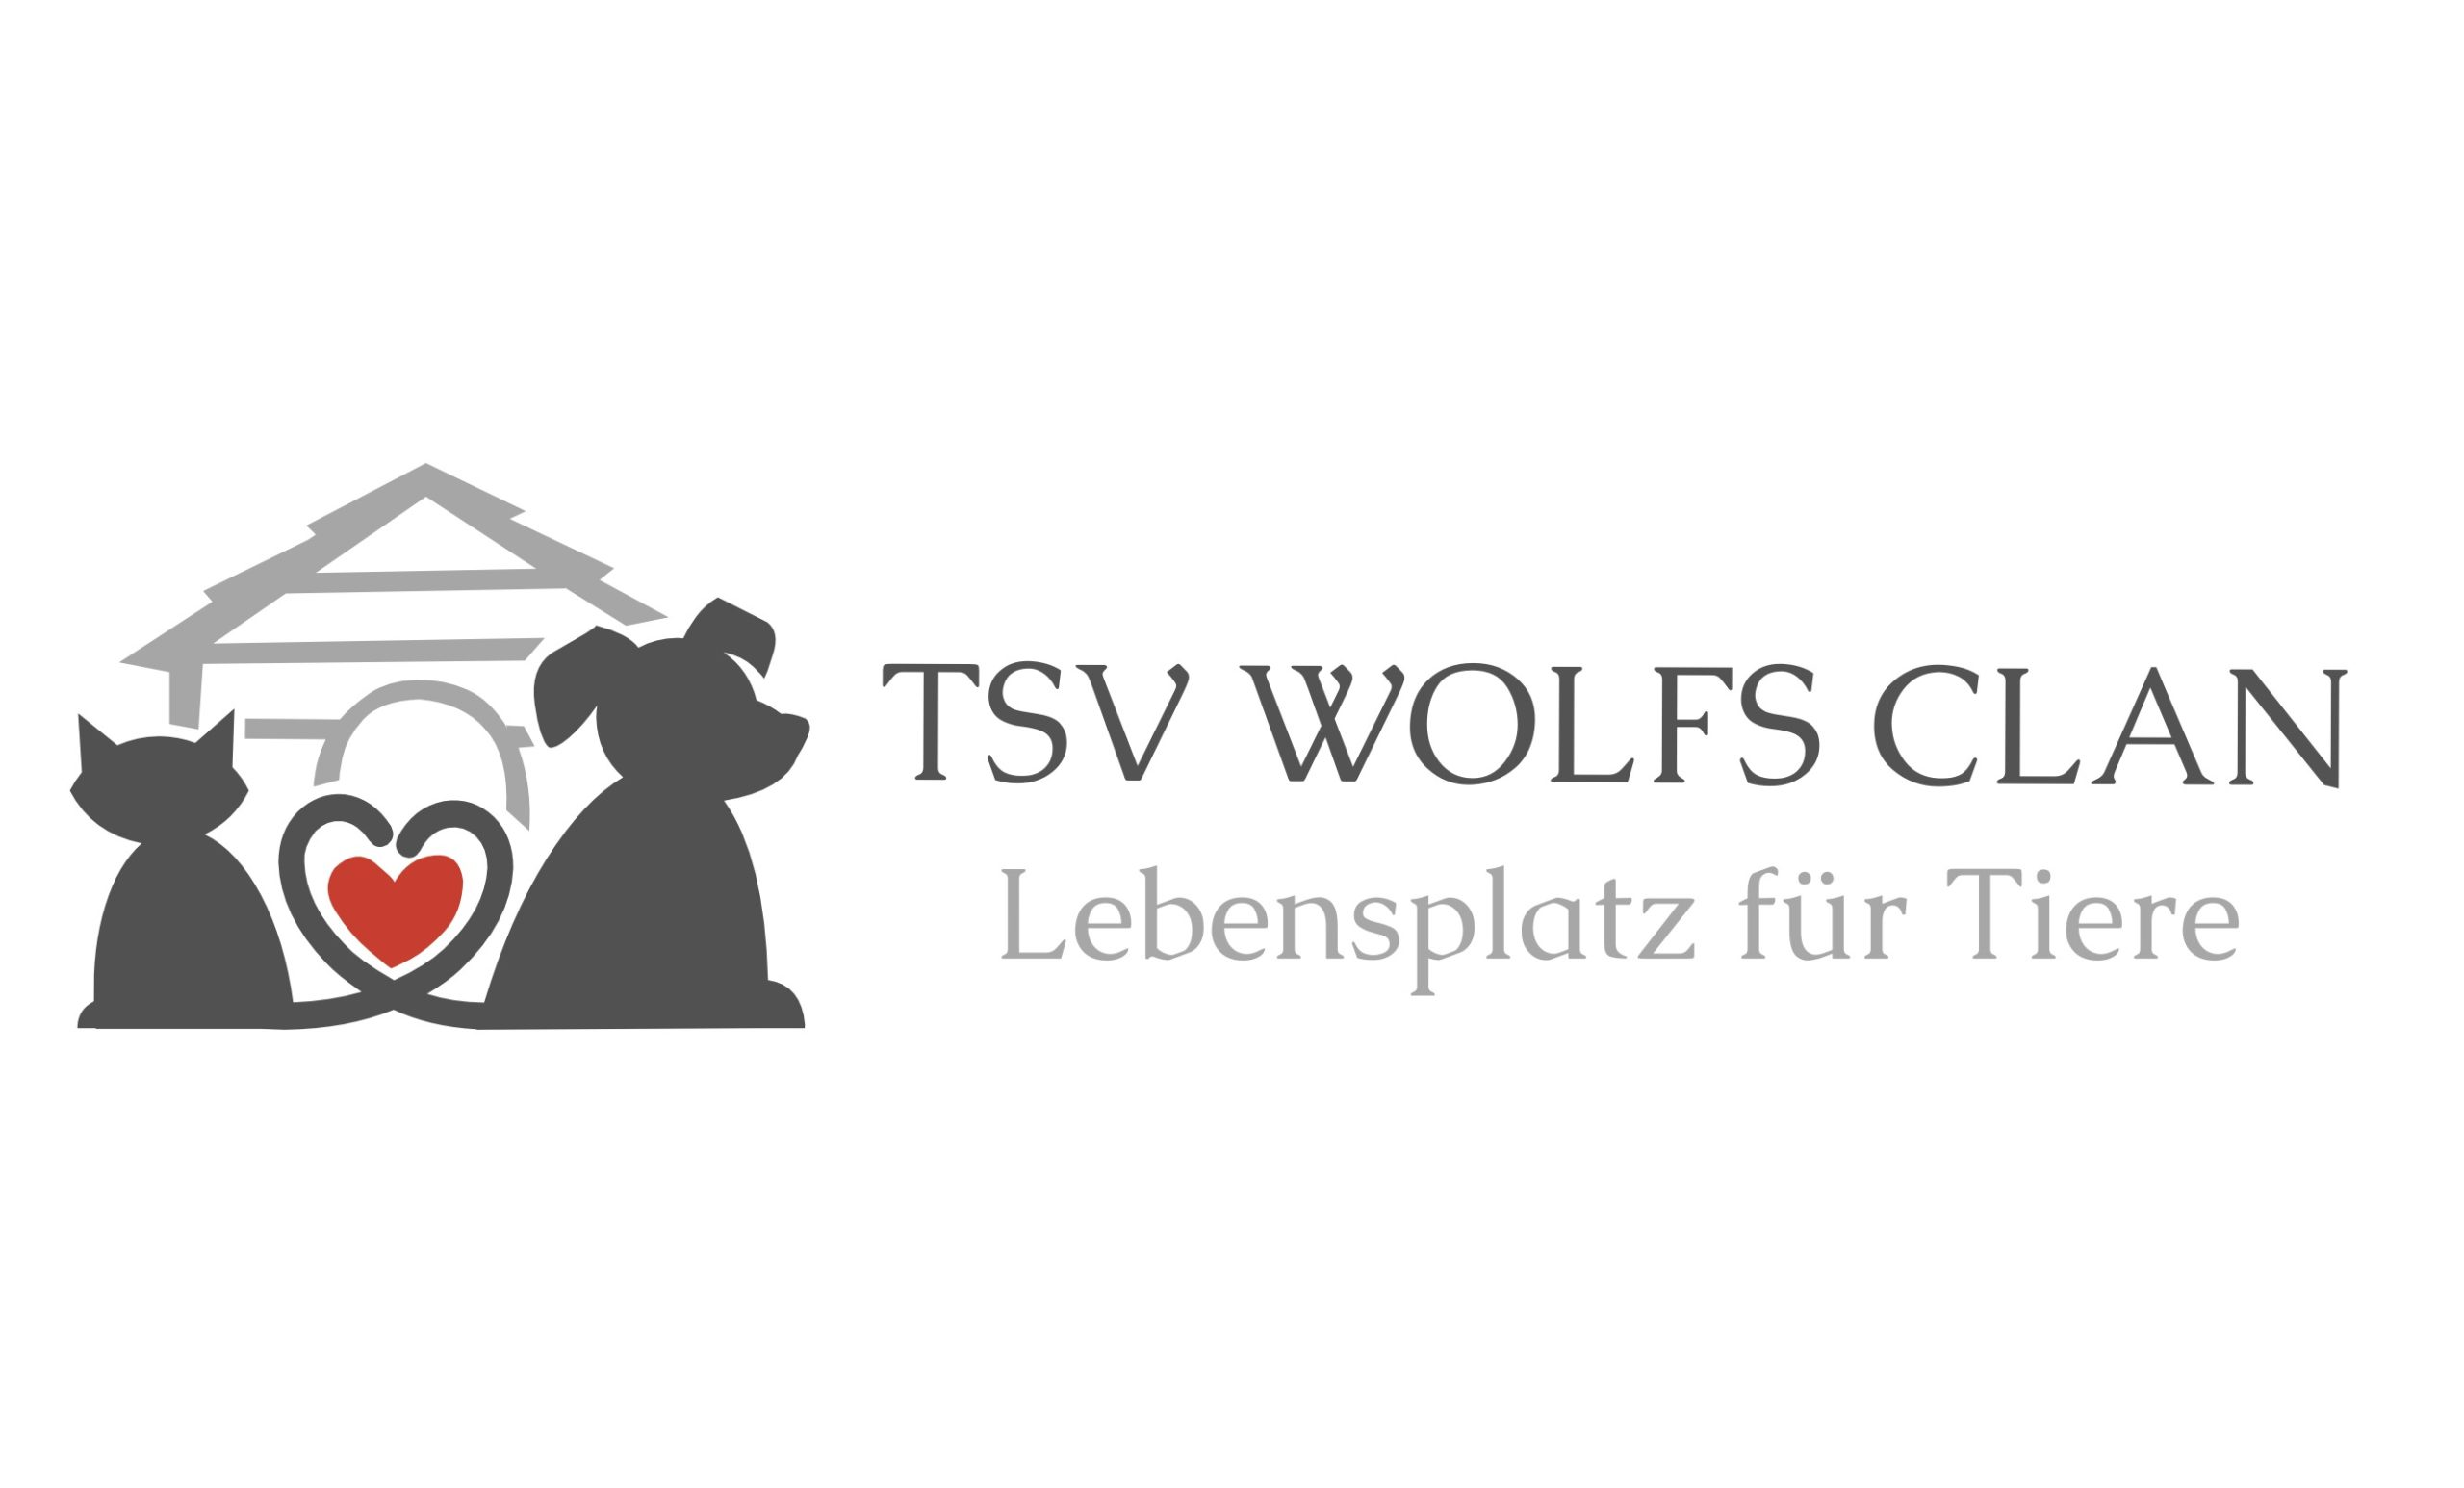 Wolfsclan